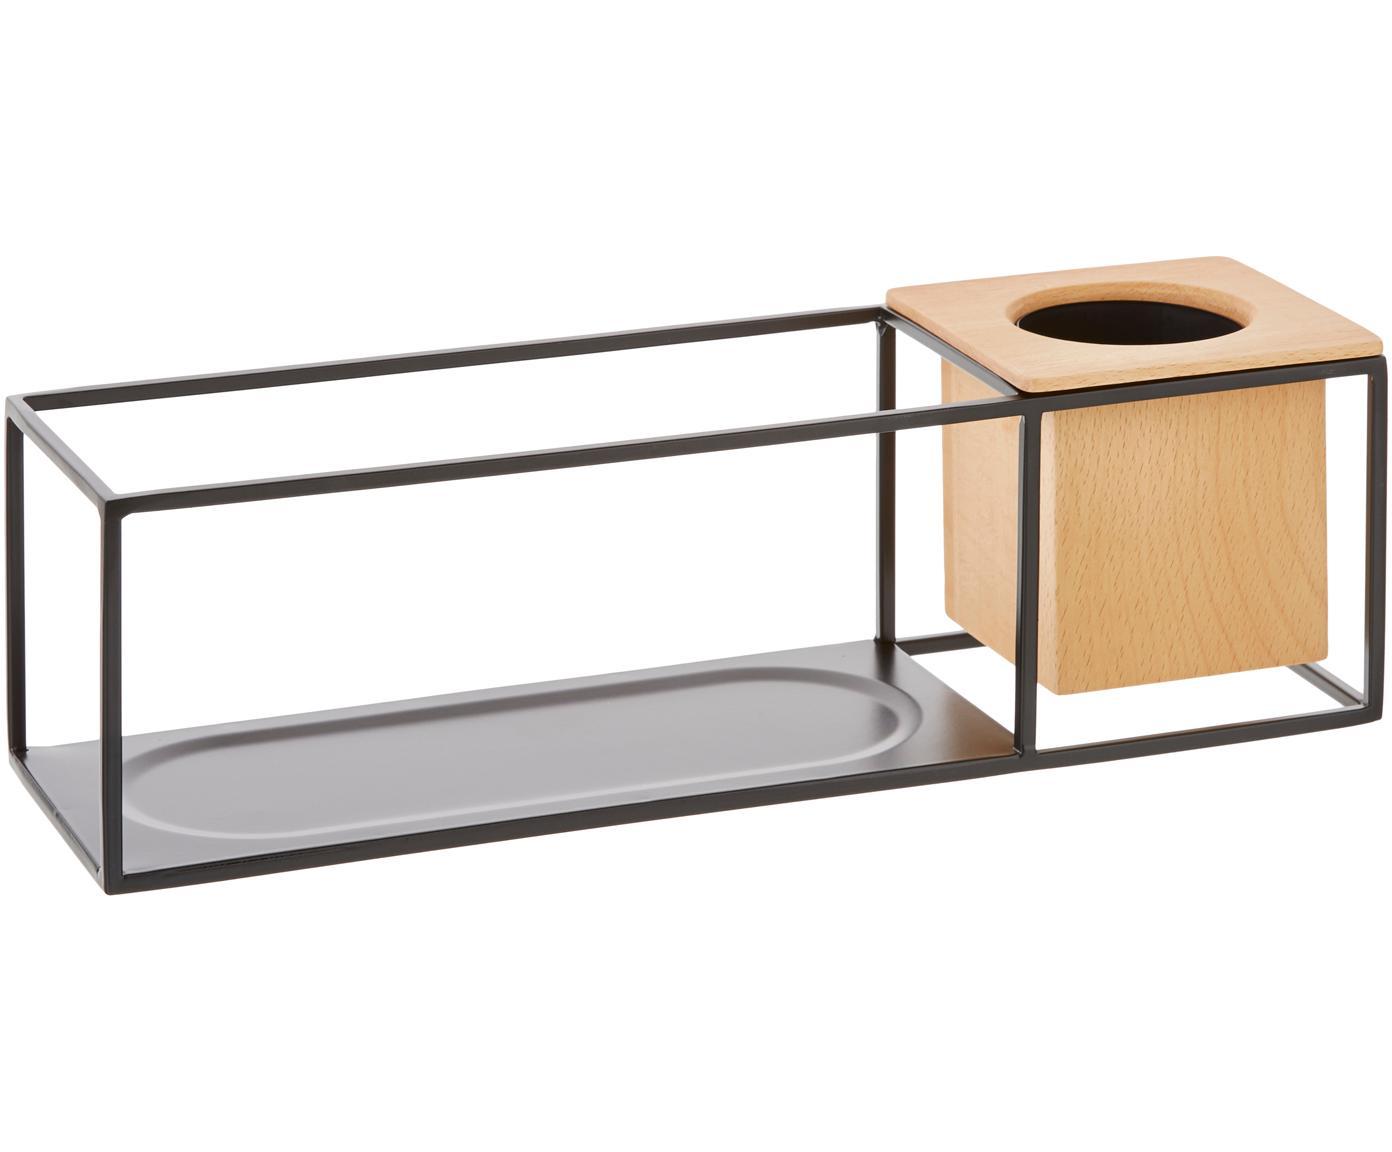 Mała półka ścienna z pojemnikiem Cubist, Czarny, jasny brązowy, S 38 x W 12 cm